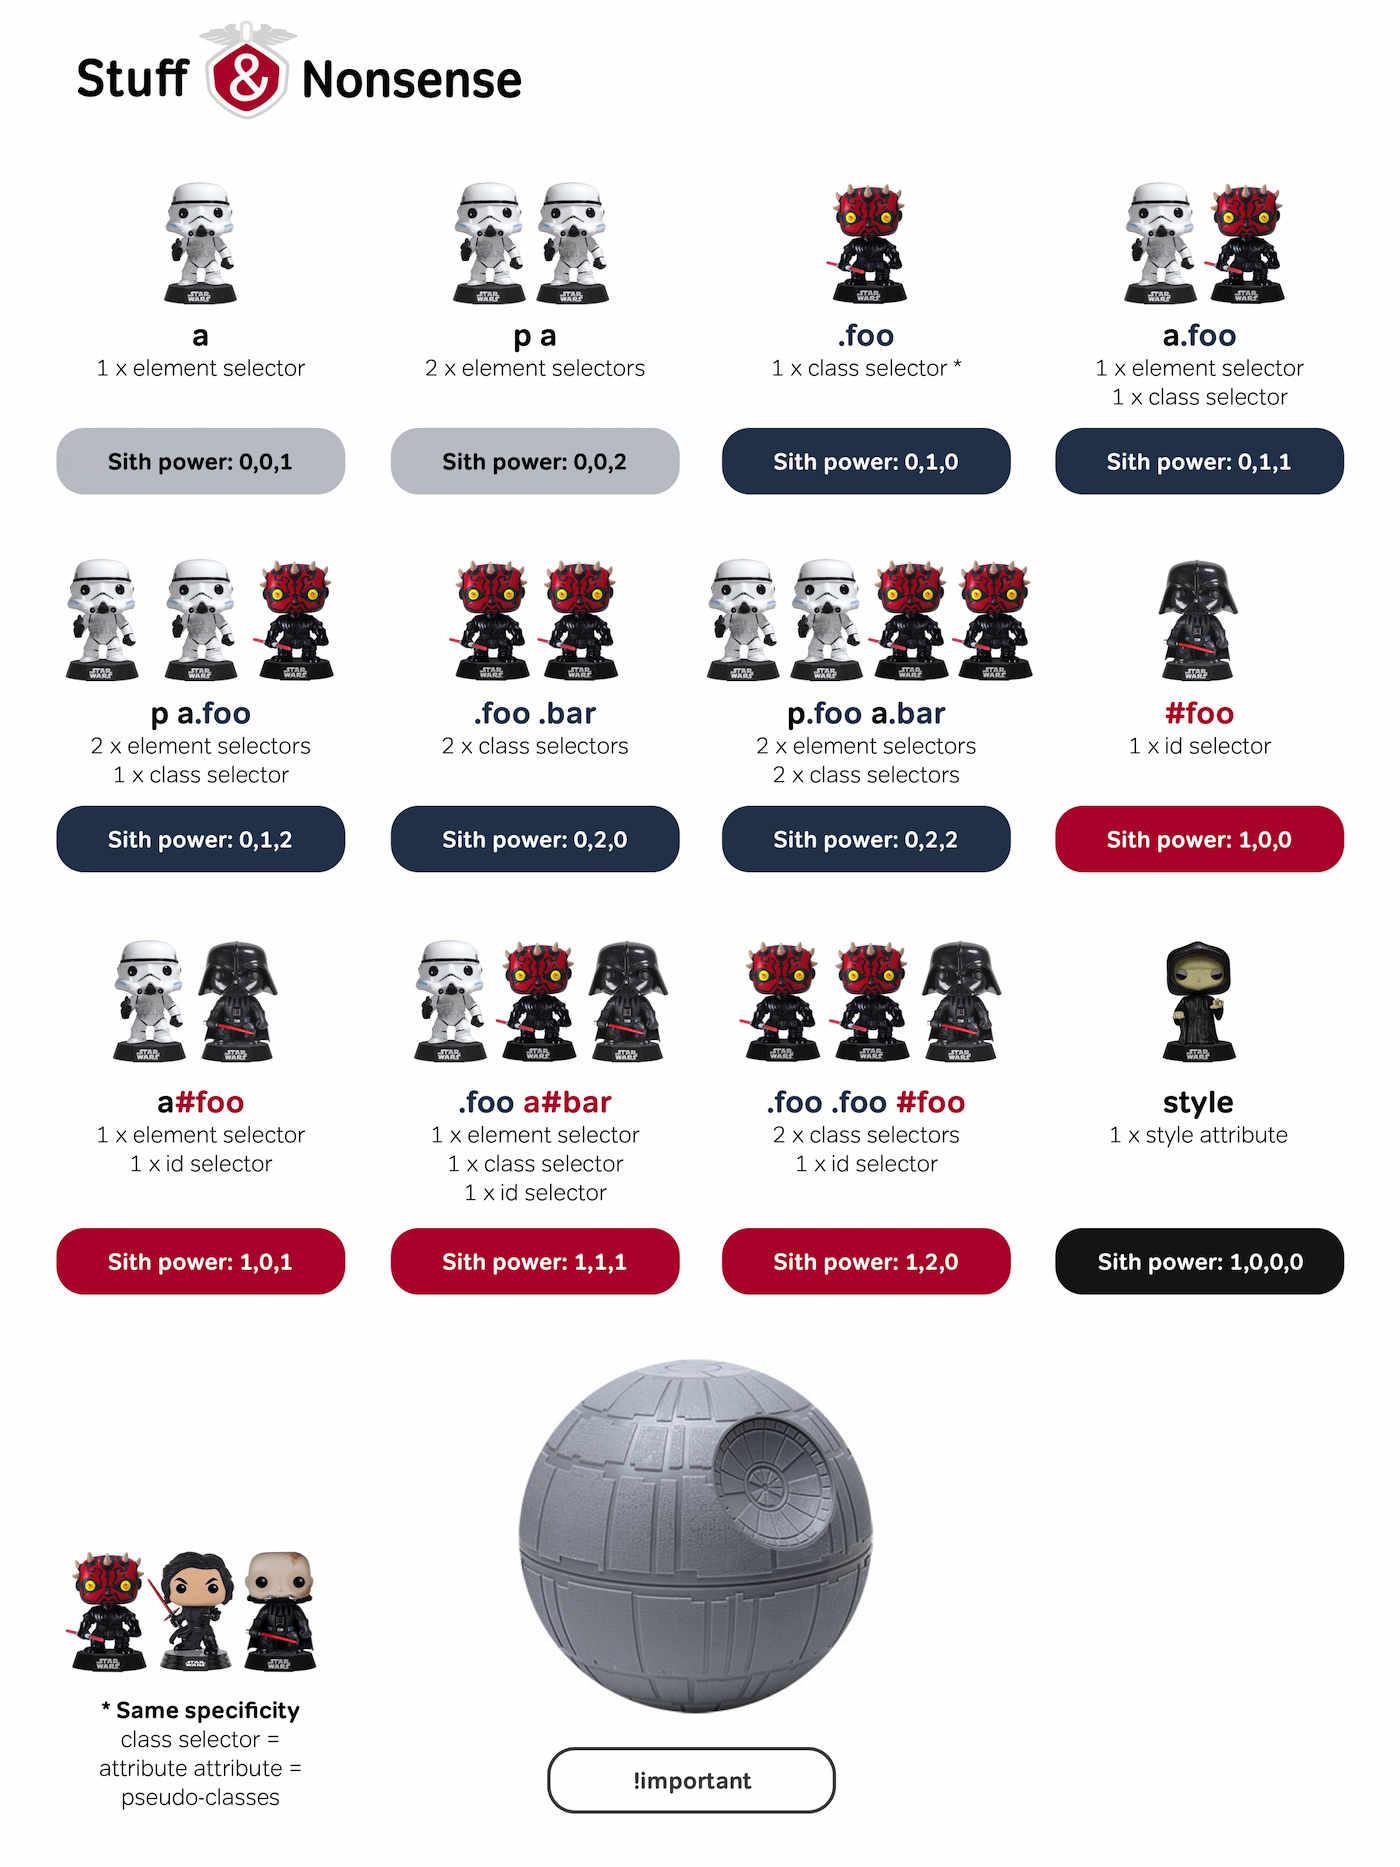 Infografica che elenca il calcolo della specificità CSS utilizzando i personaggi di Star Wars.